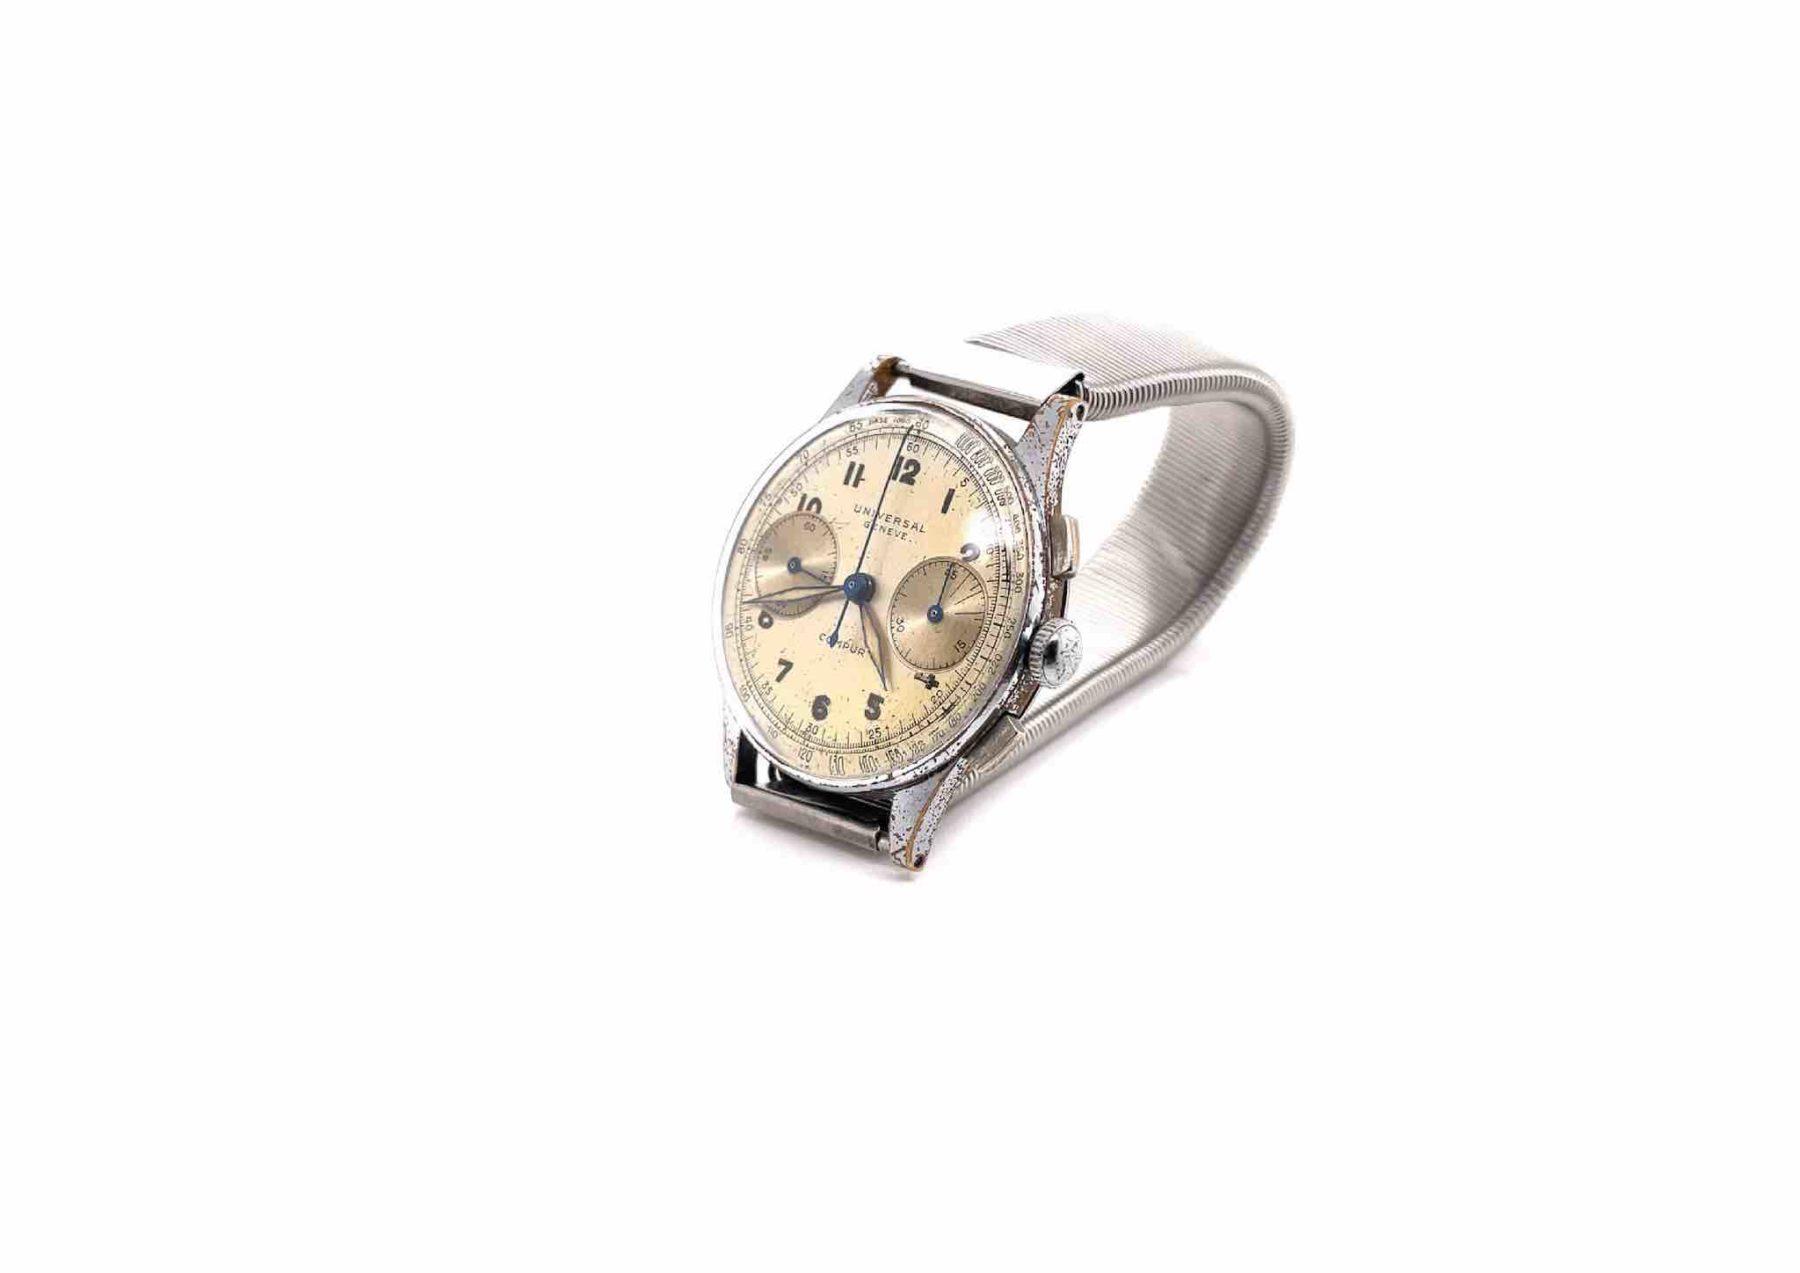 Montre d'occasion Universal Genève chrono 1950